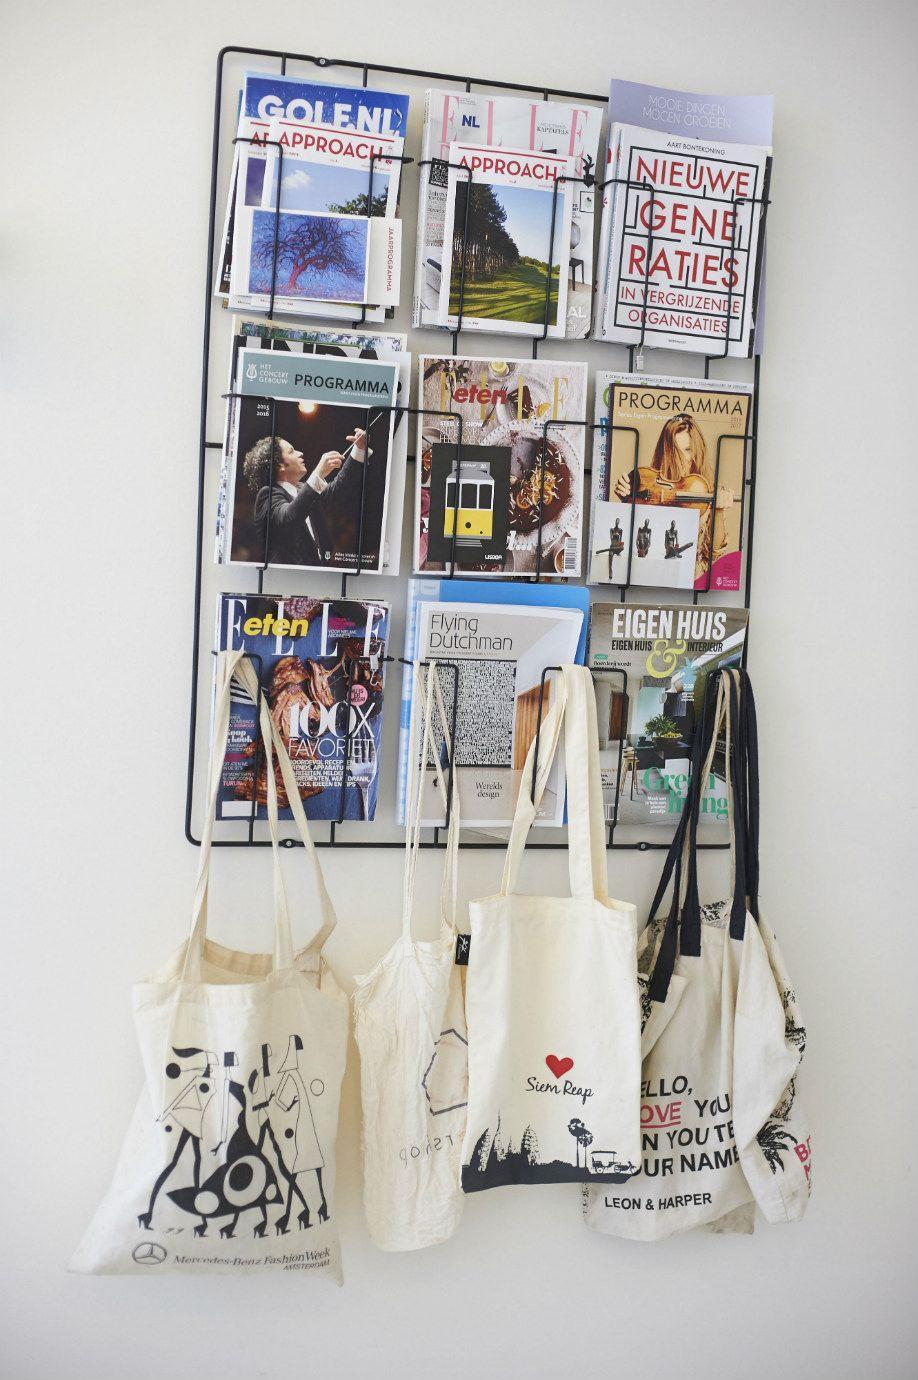 Dalani, Amsterdam, Casa, Ispirazioni, Design, Idee, Style, Progetto